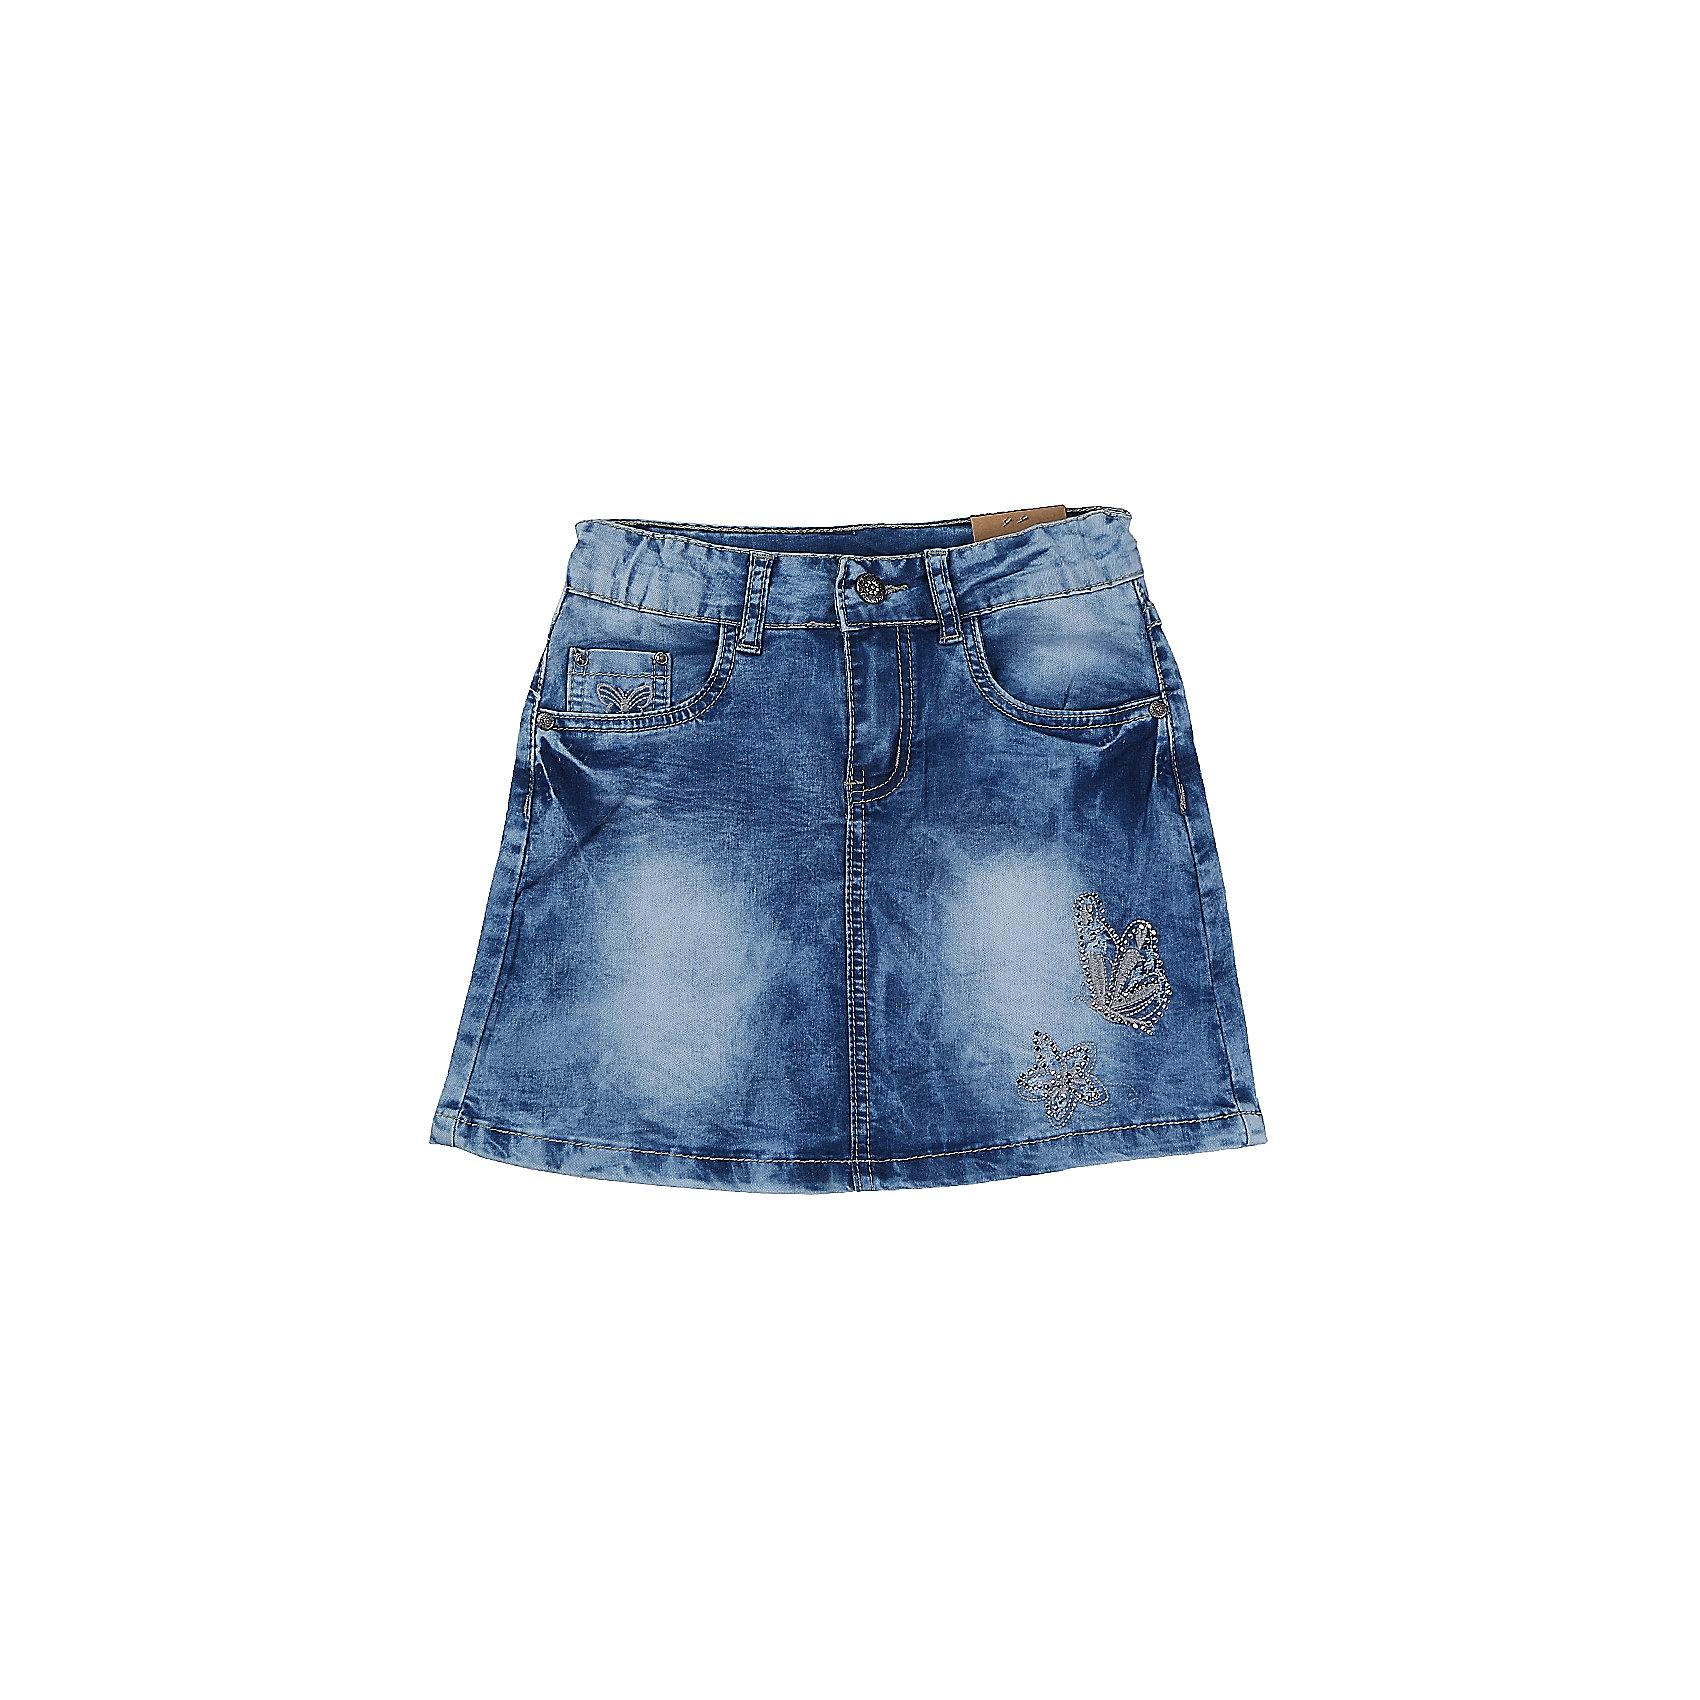 Юбка джинсовая для девочки LuminosoЮбки<br>Джинсовая юбка оригинальной варки  для девочки. Декорирована оригинальной вышивкой. Пояс с регулировкой внутренней резинкой.<br>Состав:<br>98%хлопок 2%эластан<br><br>Ширина мм: 207<br>Глубина мм: 10<br>Высота мм: 189<br>Вес г: 183<br>Цвет: синий<br>Возраст от месяцев: 108<br>Возраст до месяцев: 120<br>Пол: Женский<br>Возраст: Детский<br>Размер: 140,134,146,152,158,164<br>SKU: 5413007